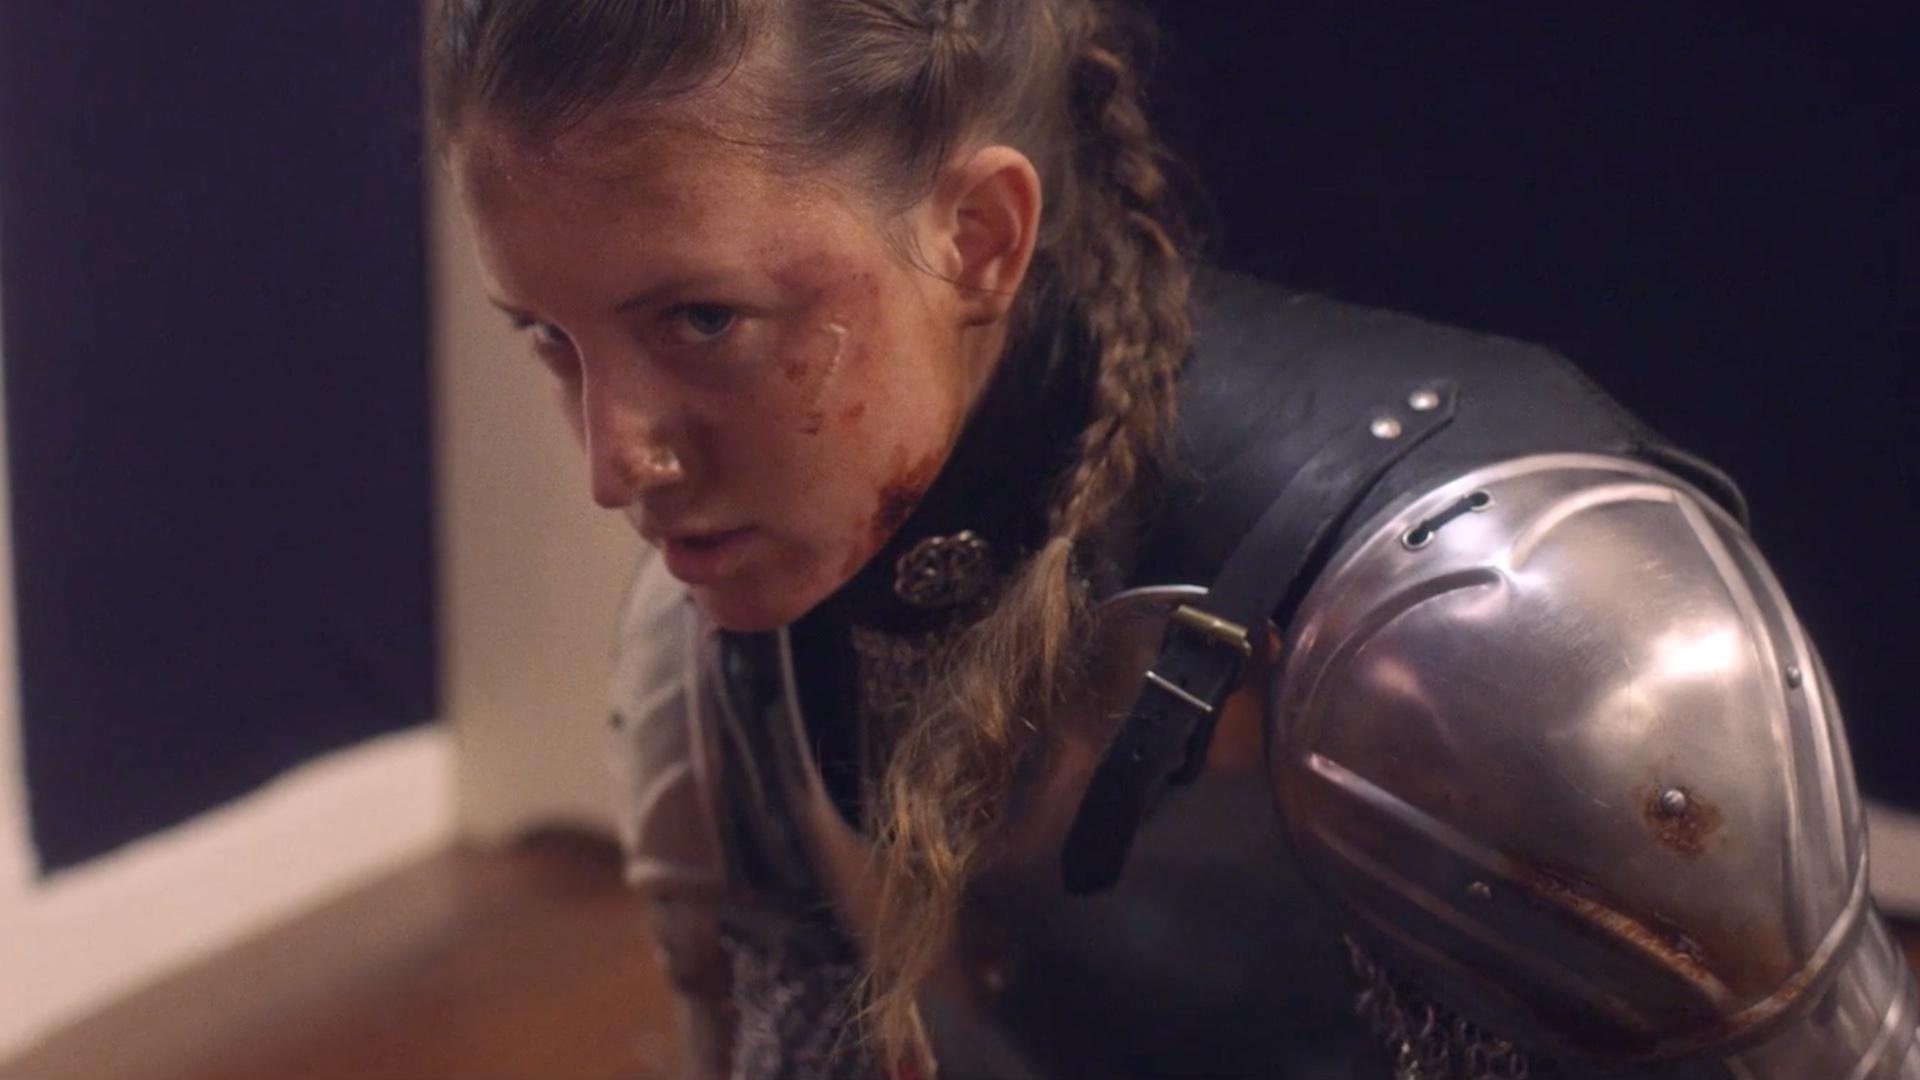 This Fantasy Short Film Goblin Queen Follows A